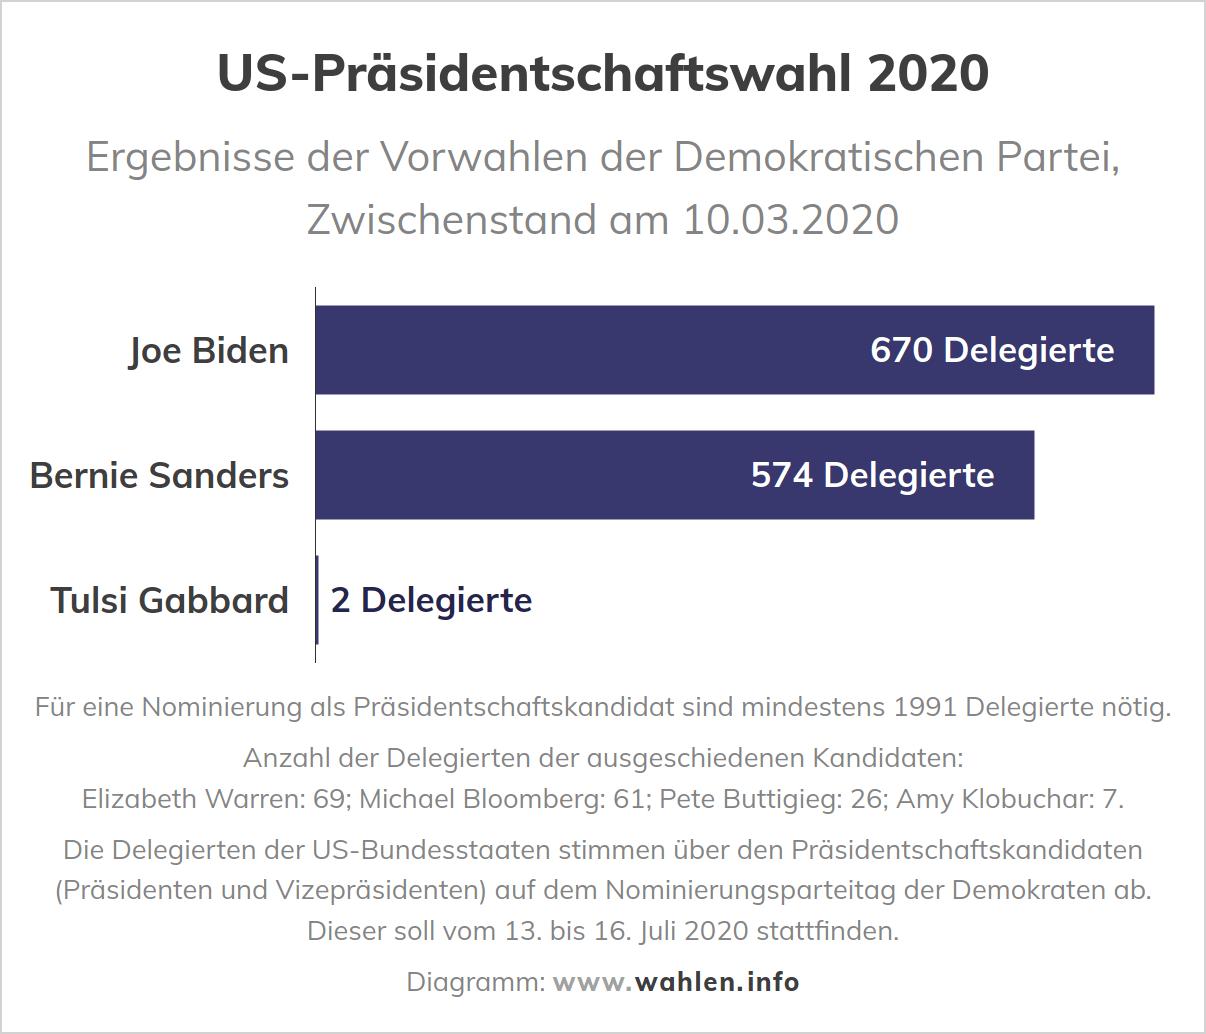 Präsidentschaftswahl in den USA - Ergebnisse der Vorwahlen der Demokraten